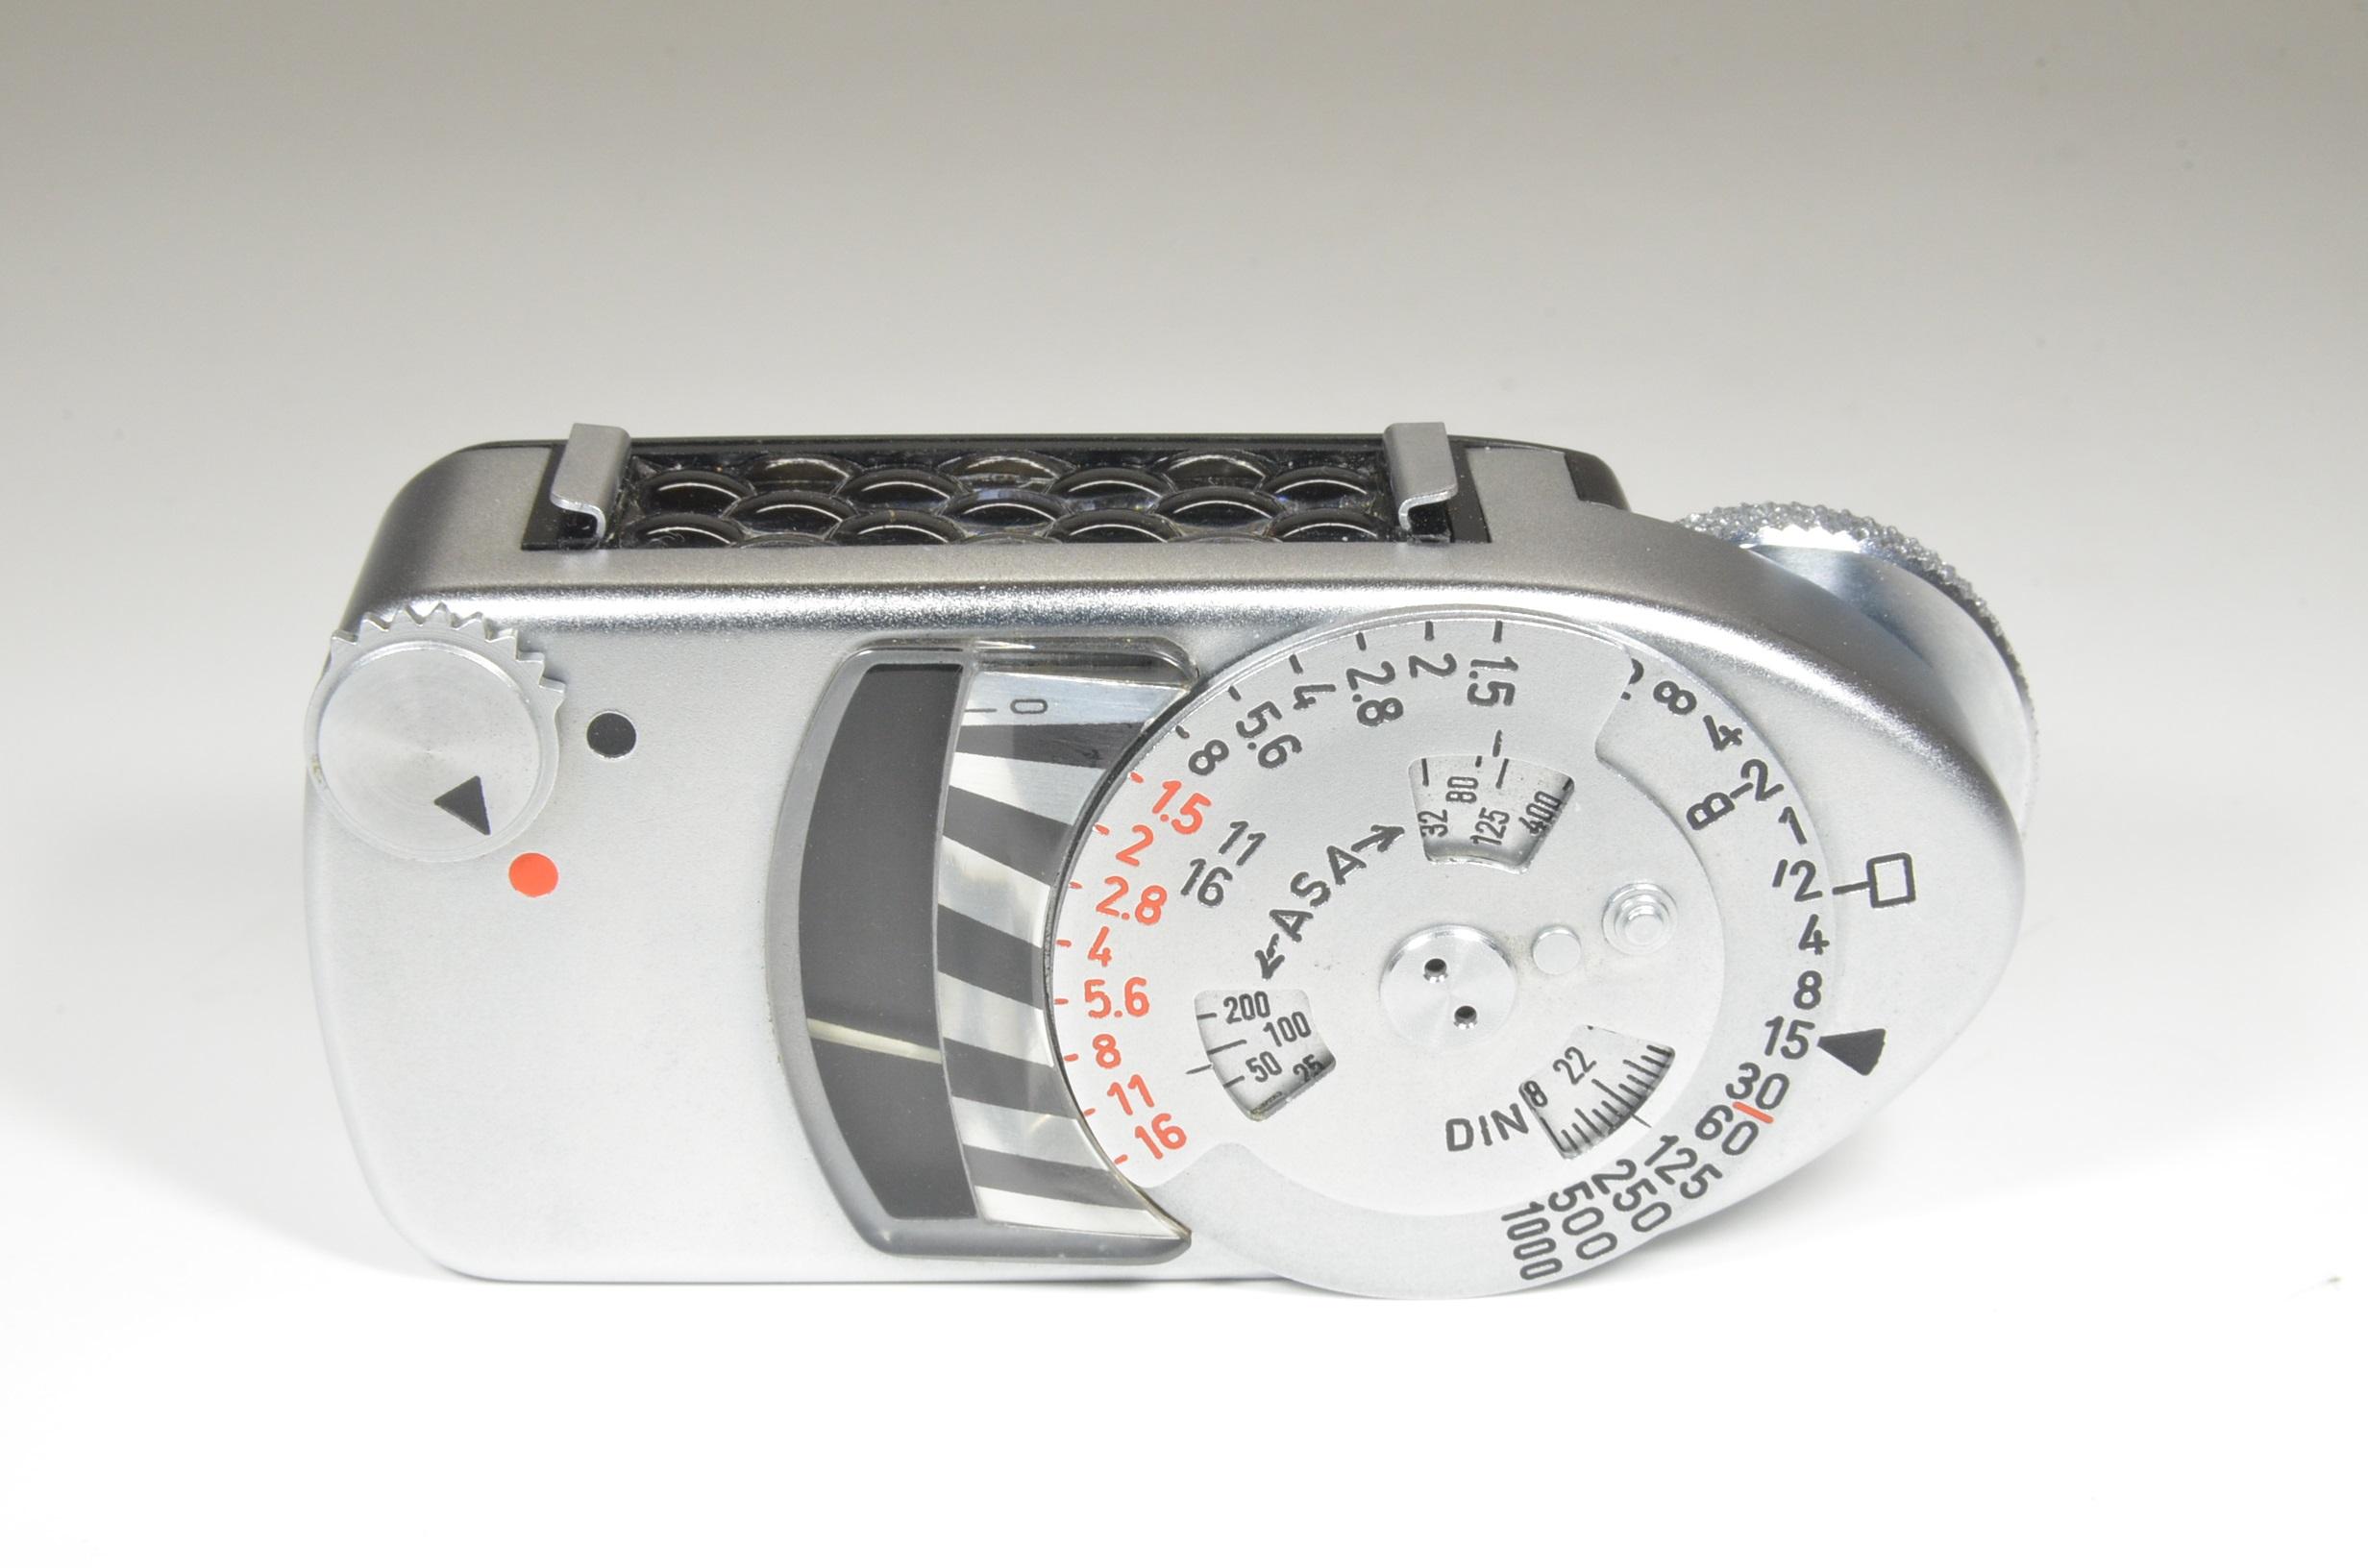 leica mc light meter for m2 m3 m4 m4-2 m4-p